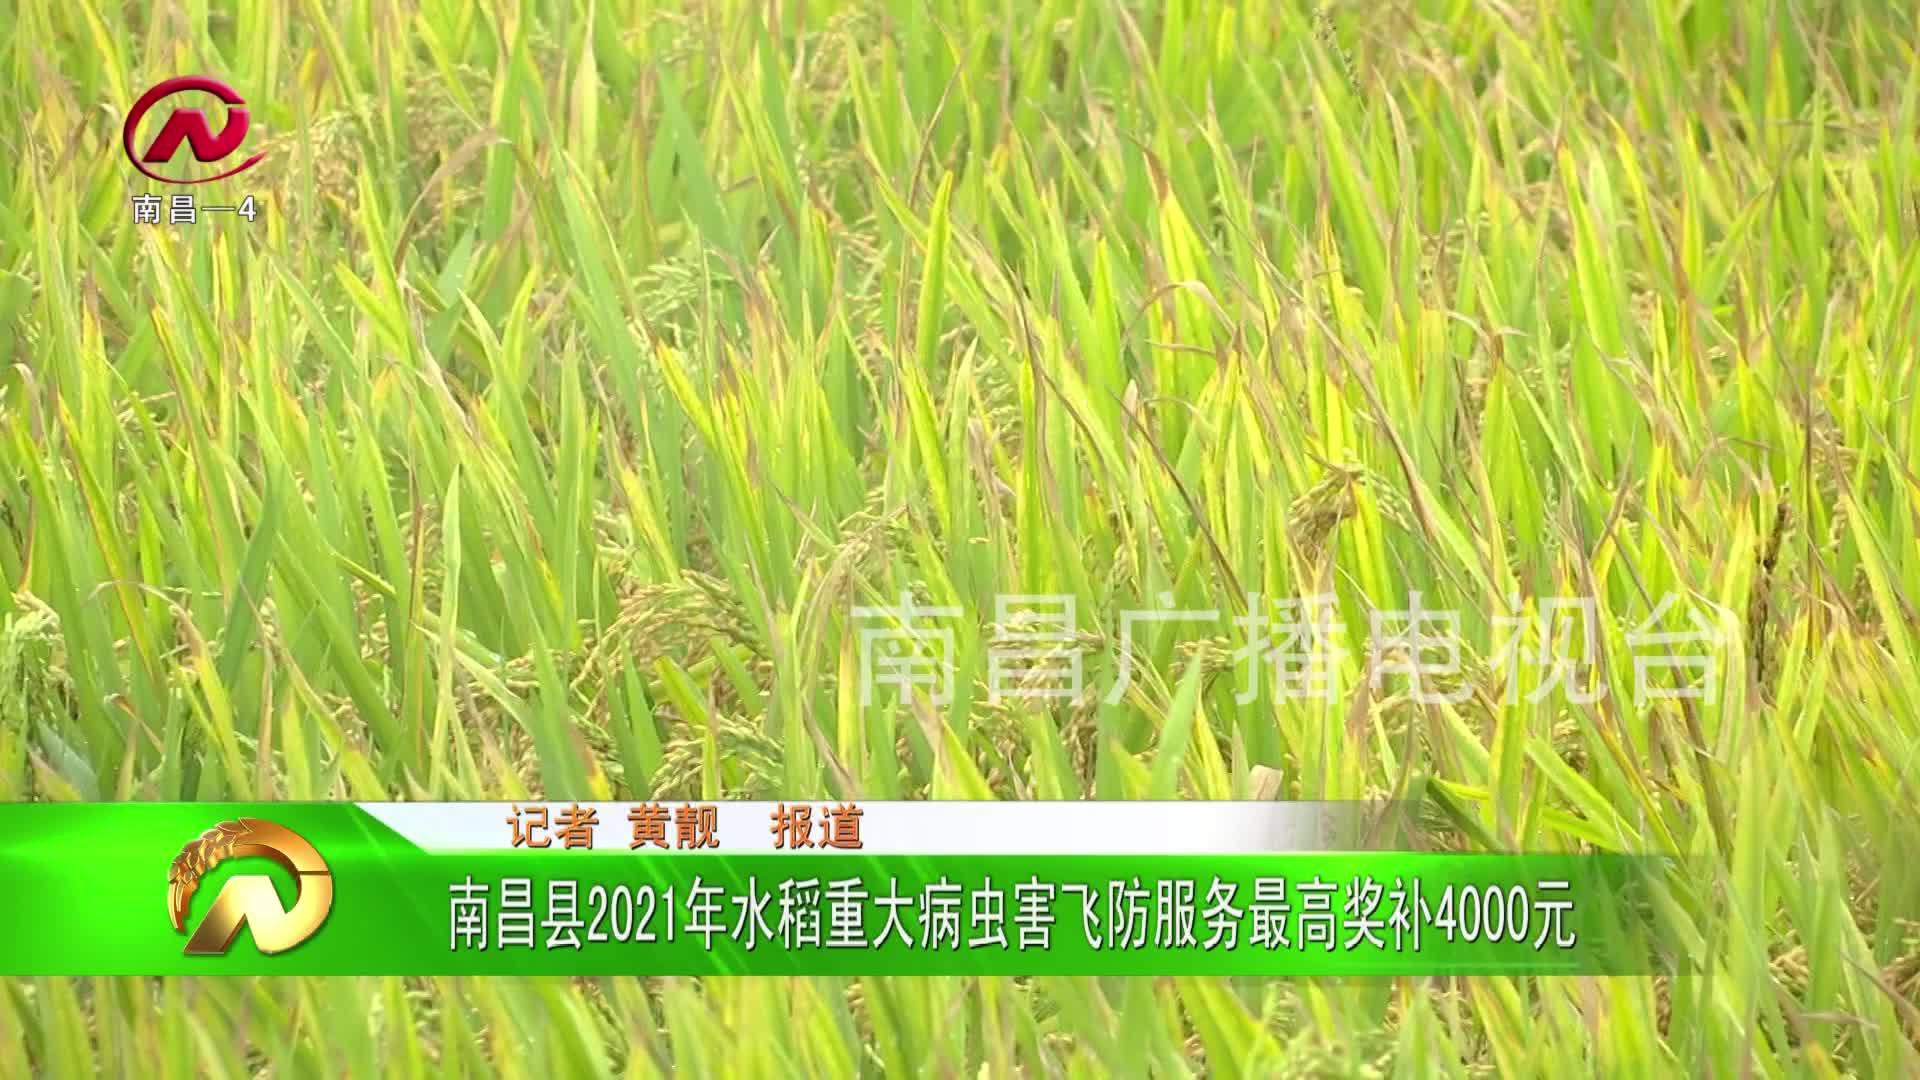 【豫章农视】南昌县2021年水稻重大病虫害飞防服务最高奖补4000元